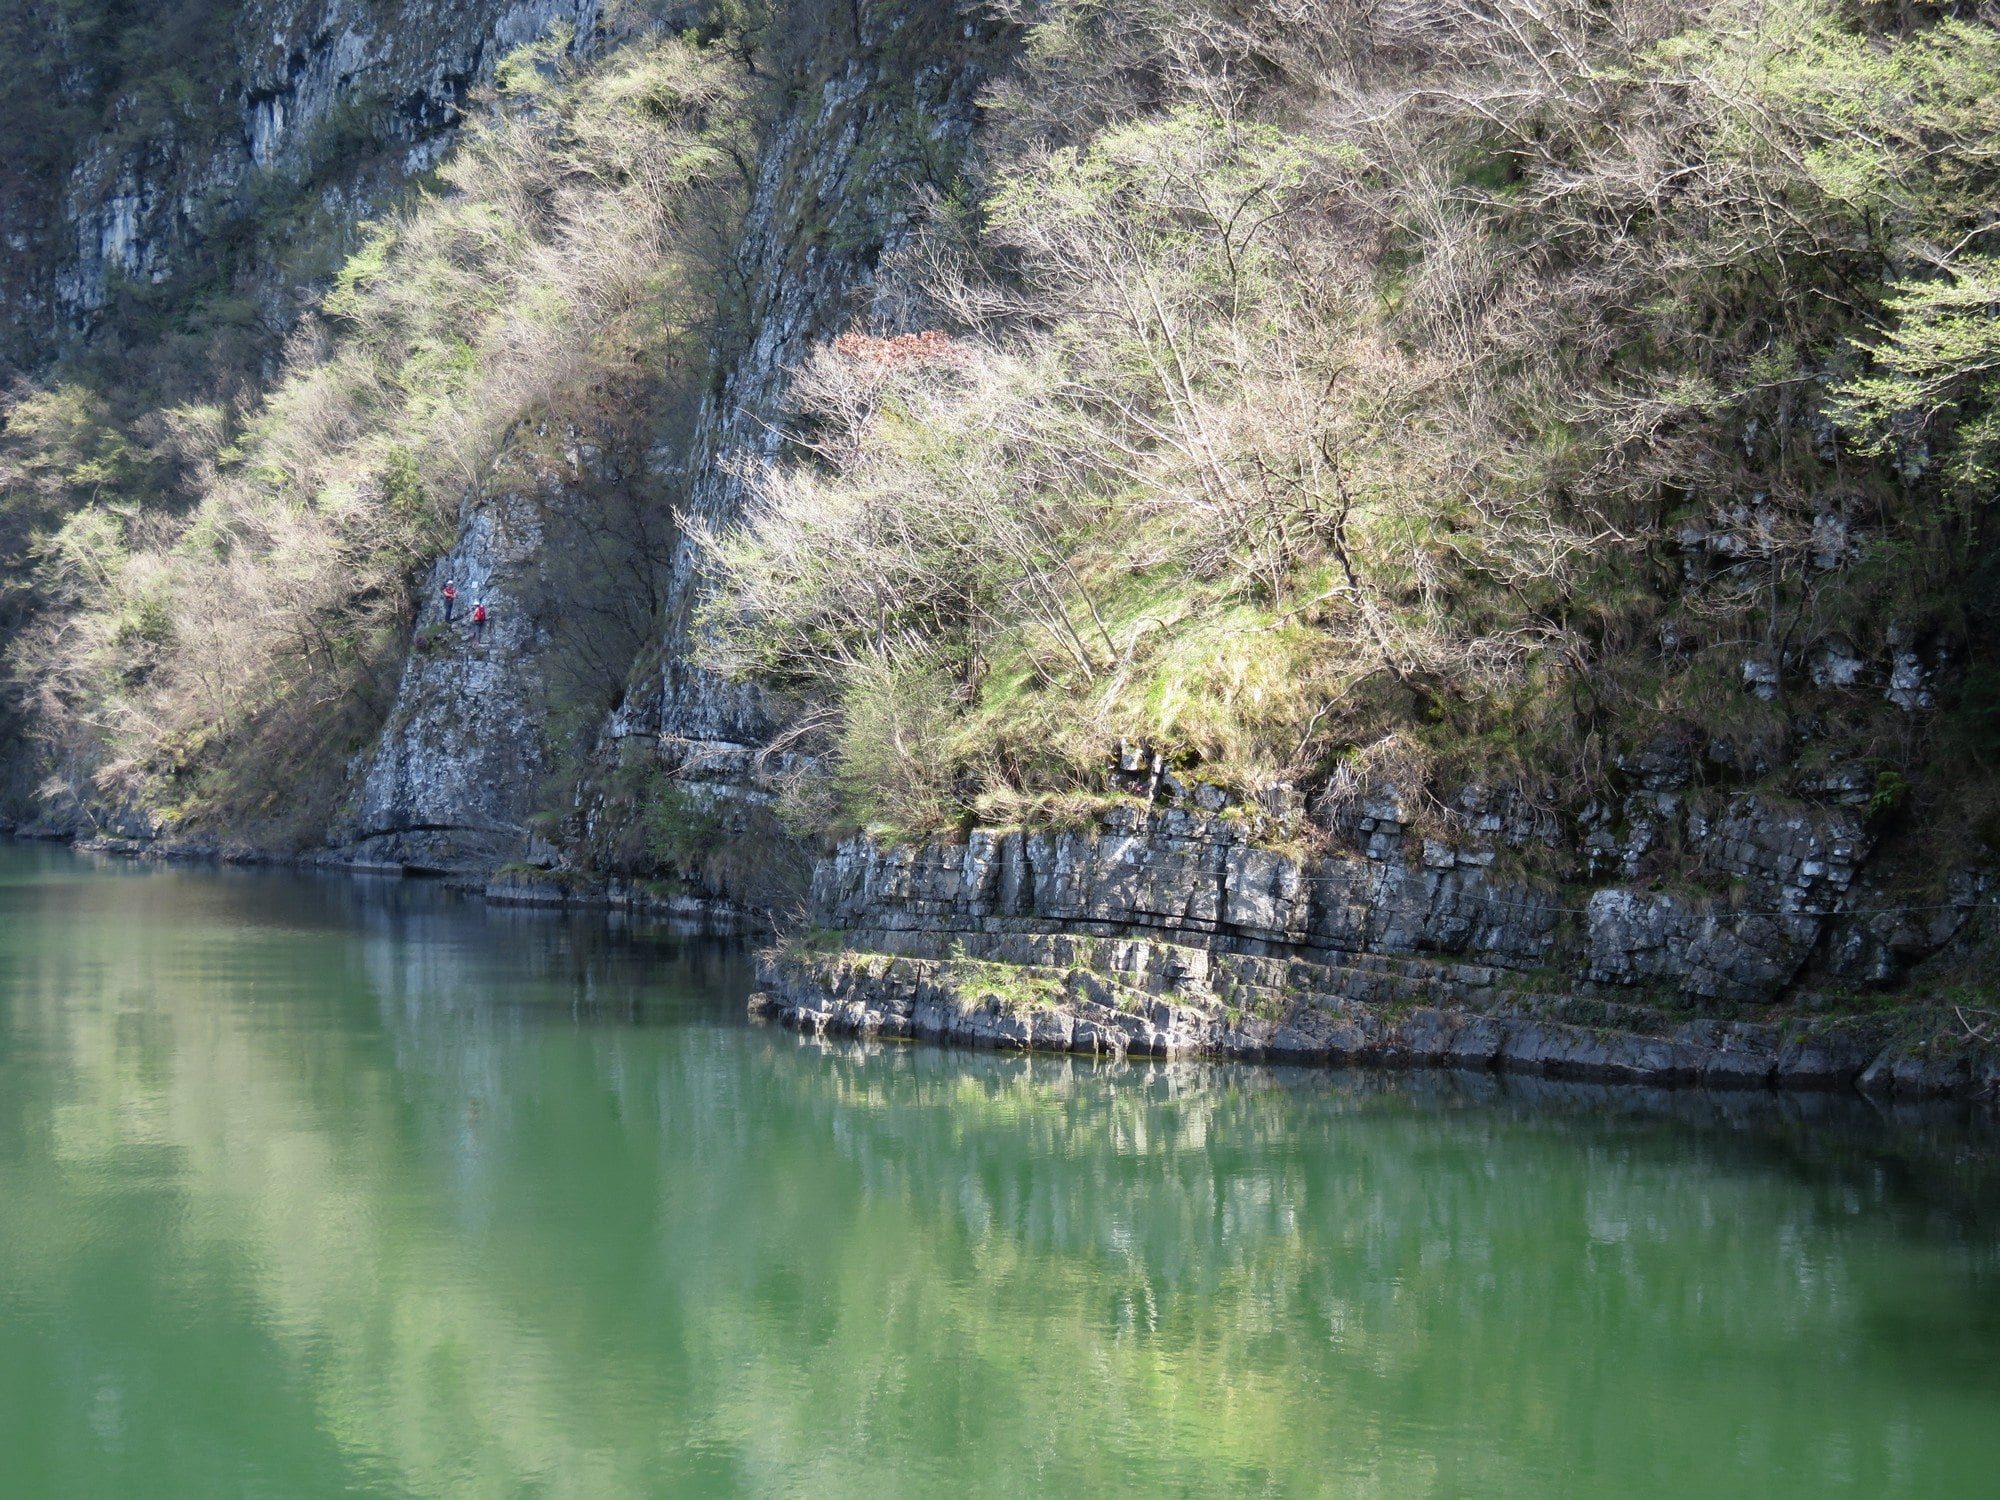 ויה פראטה Sasse - אגם אידרו, מאורגן בצפון באיטליה - ערוצים בטבע